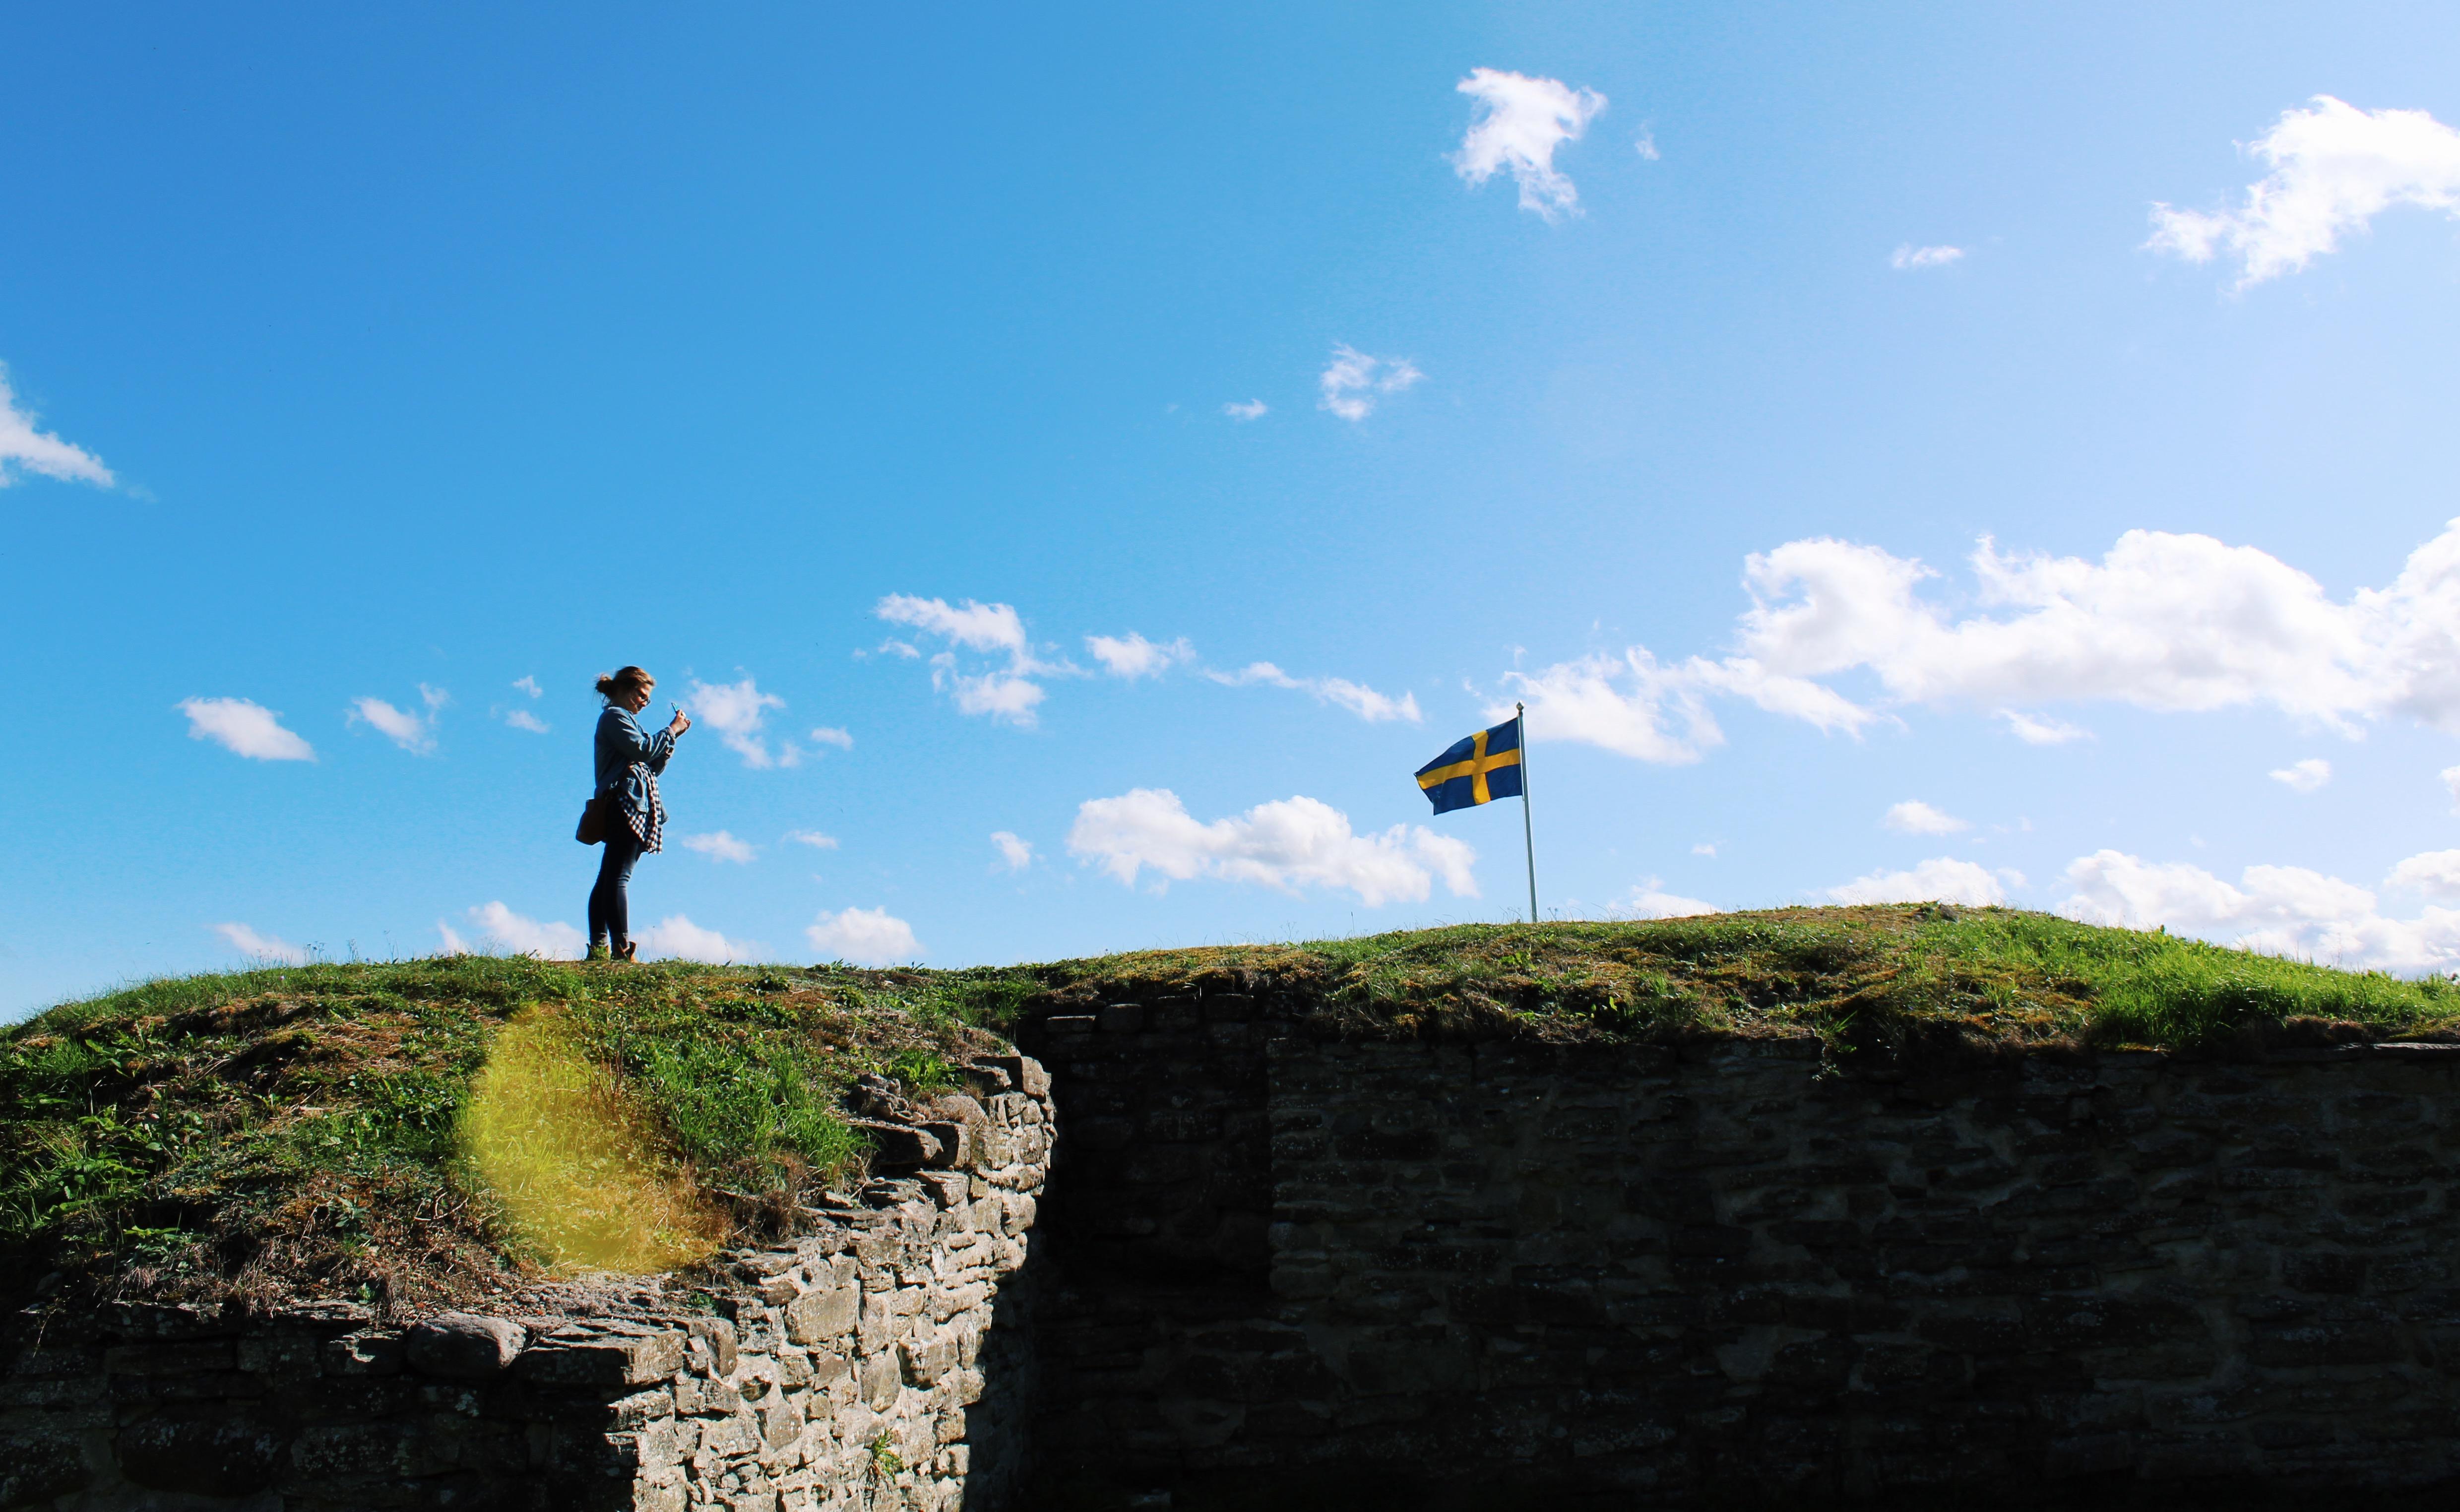 Scandinavian Studies (BA) featured image background